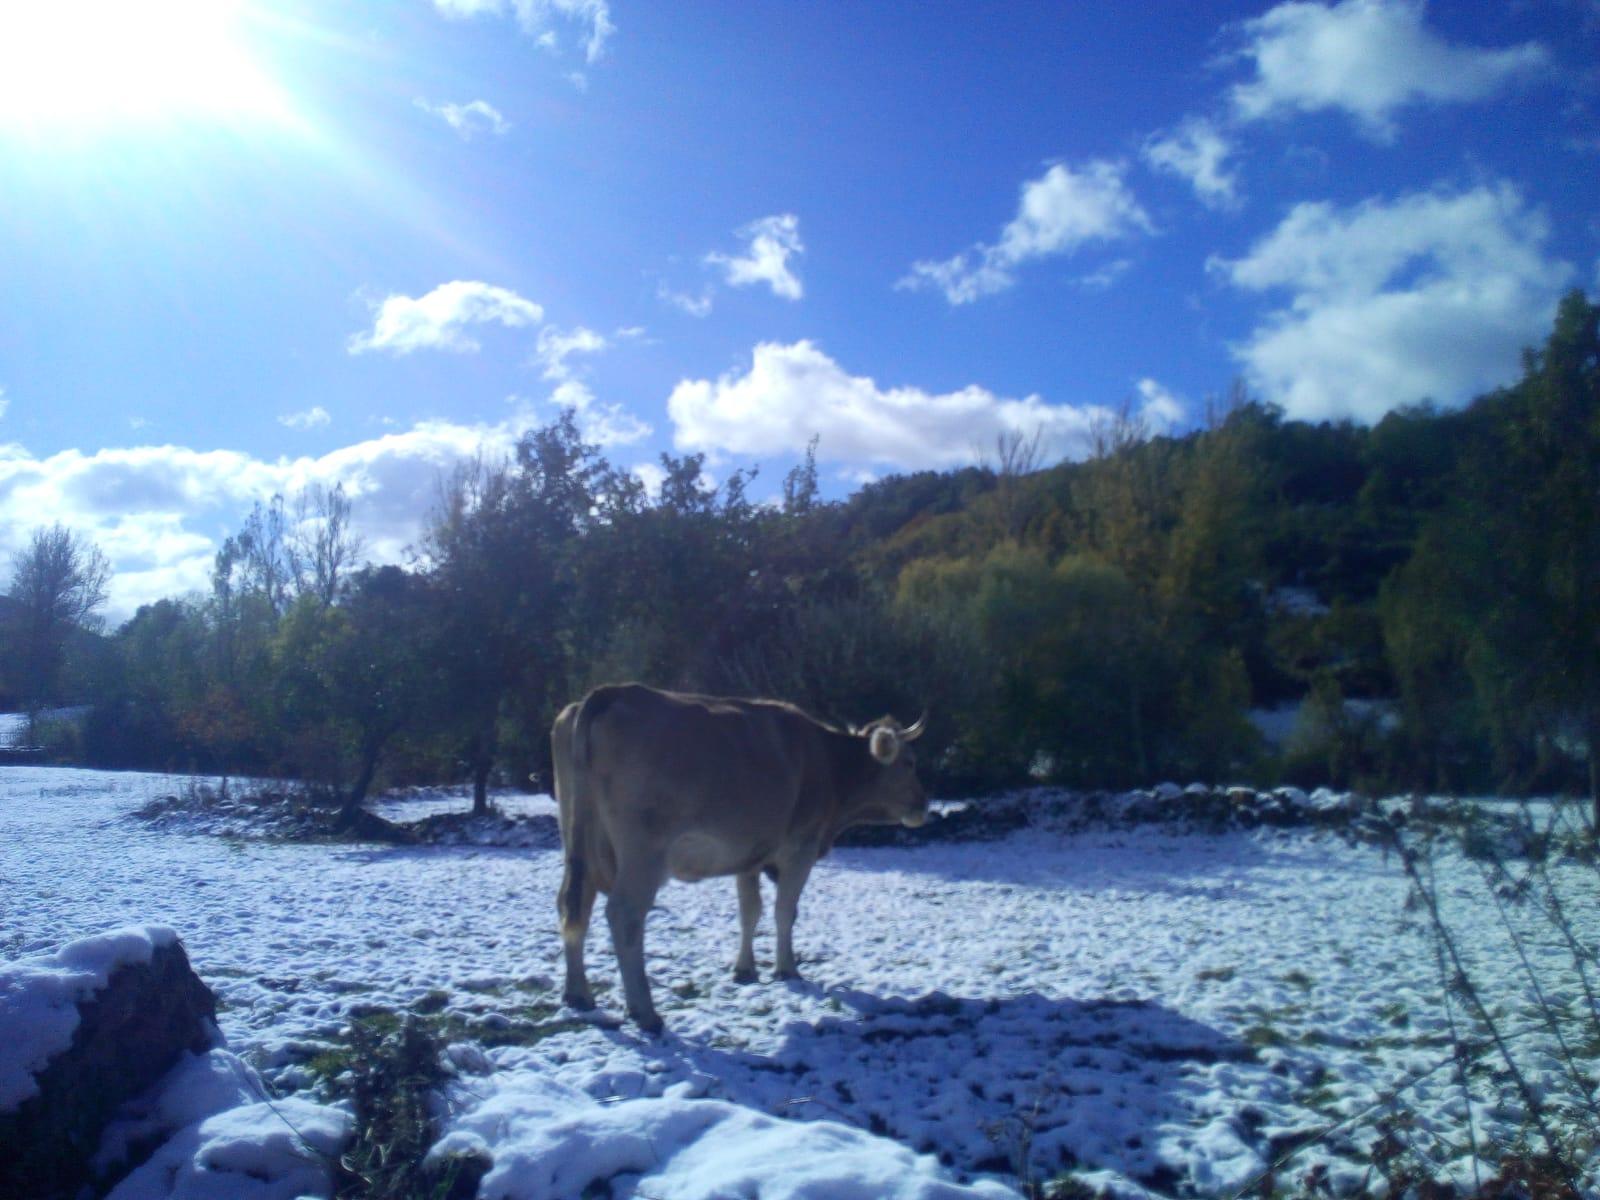 La comarca de Valderrueda inicia la temporada de nieve